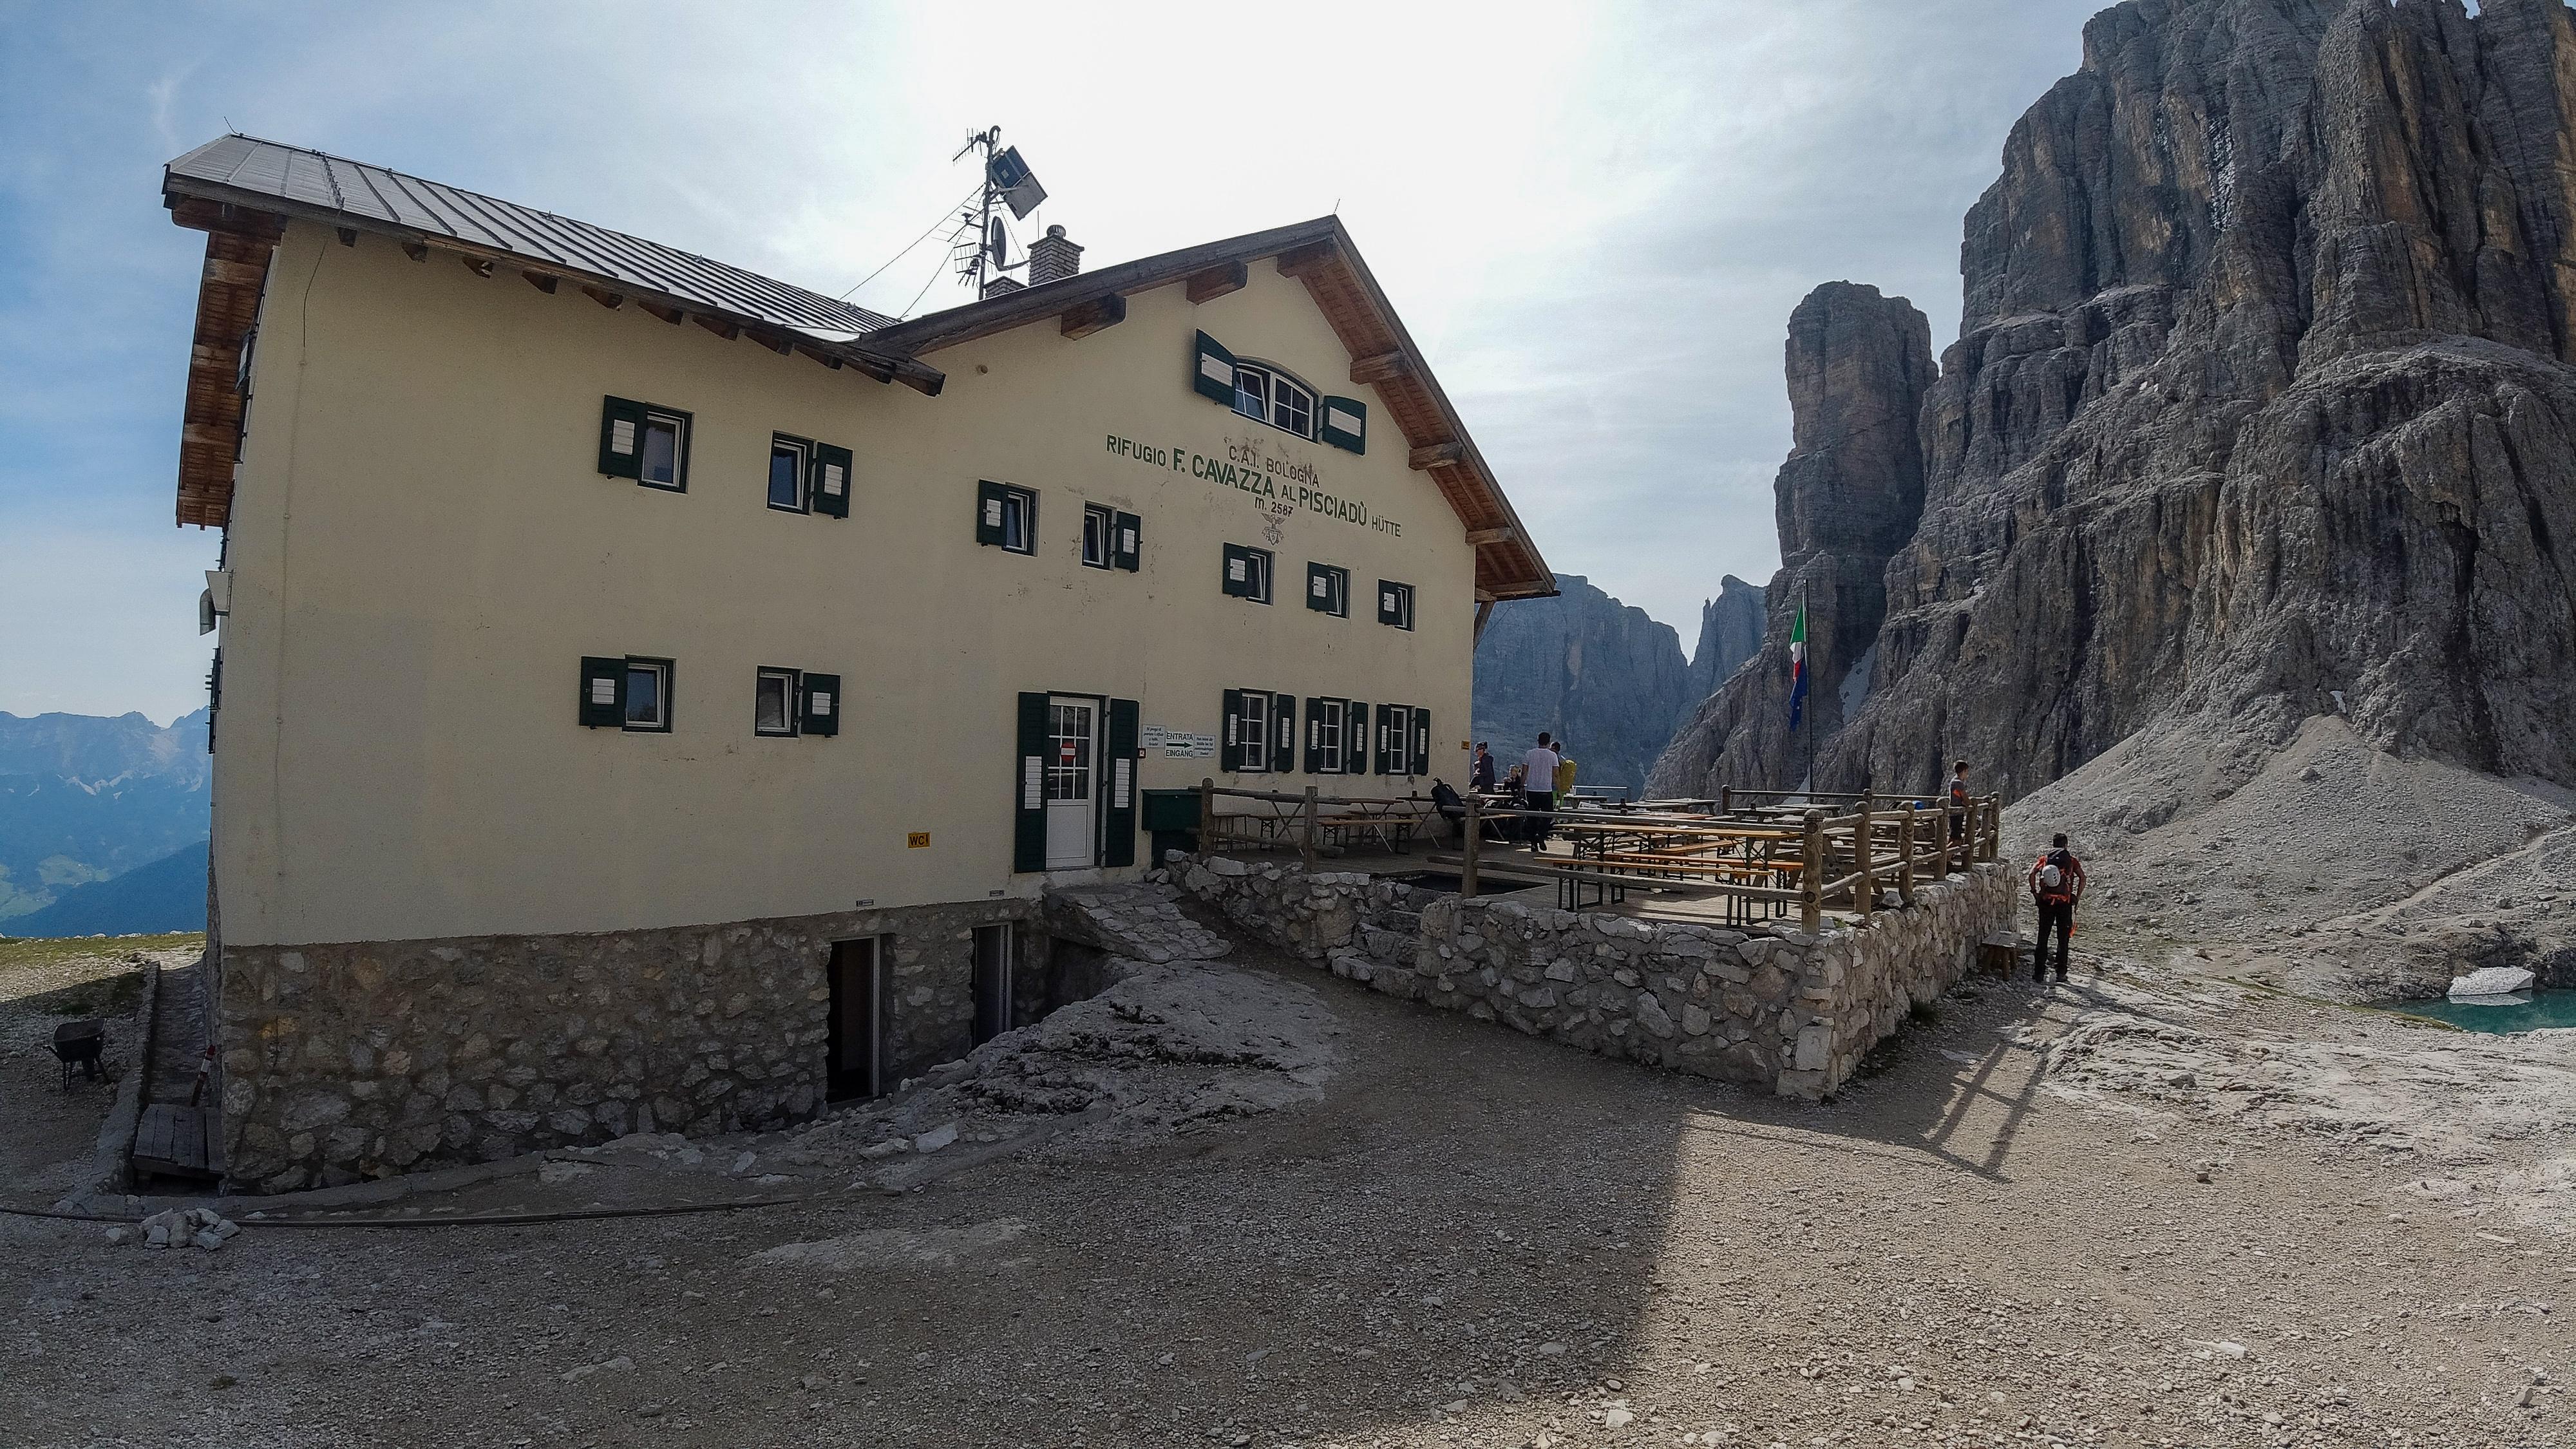 Via Ferrata ruten Brigata Tridentina kombineres gjerne med et besøk innom turisthytten Refugio Cavazza al Pisciadù.